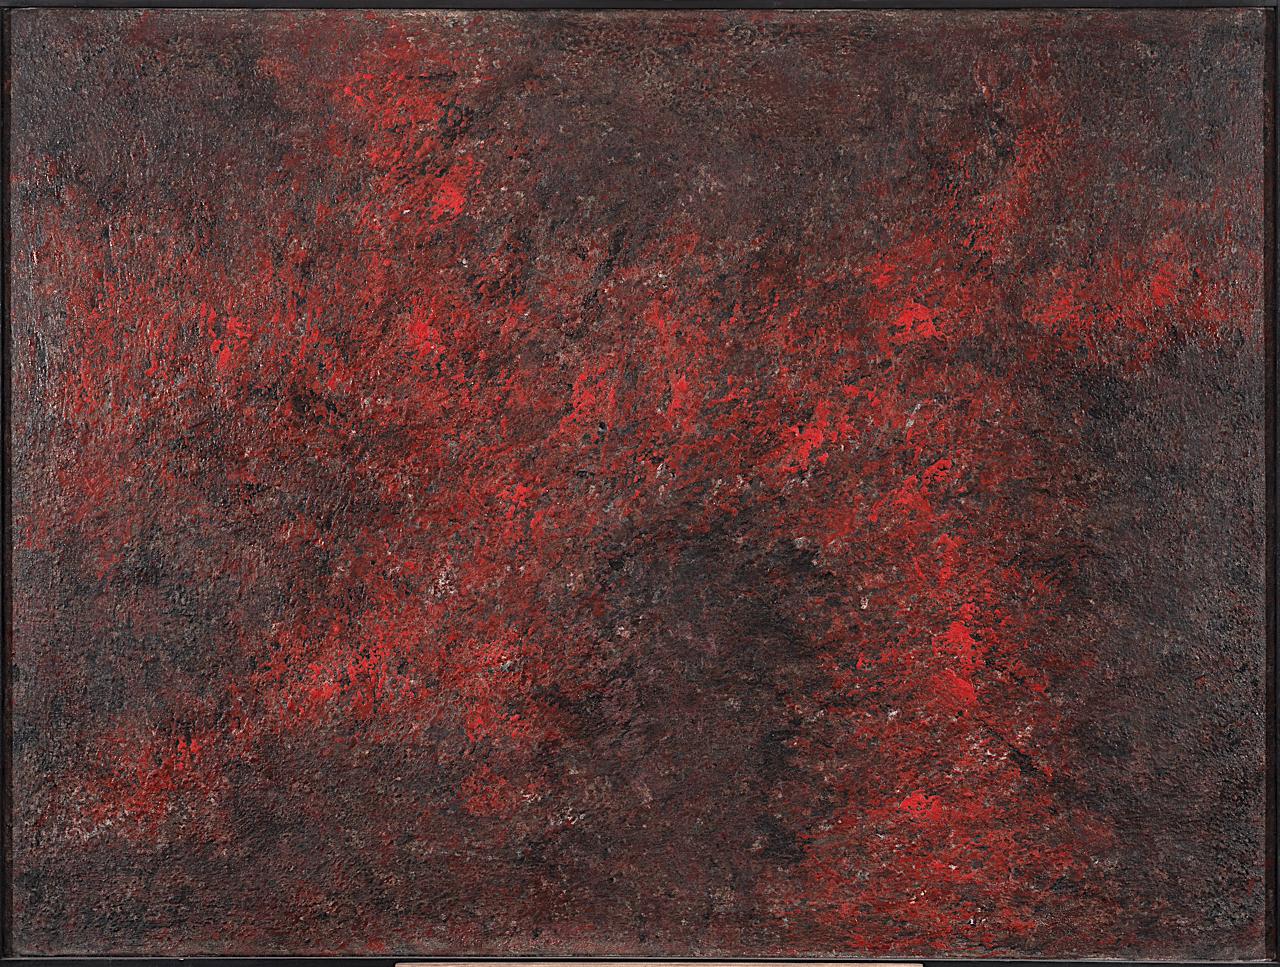 peinture abstraite , huile sur toile de jean-marie zazzi en vente dans la boutique en ligne de la galerie 22.